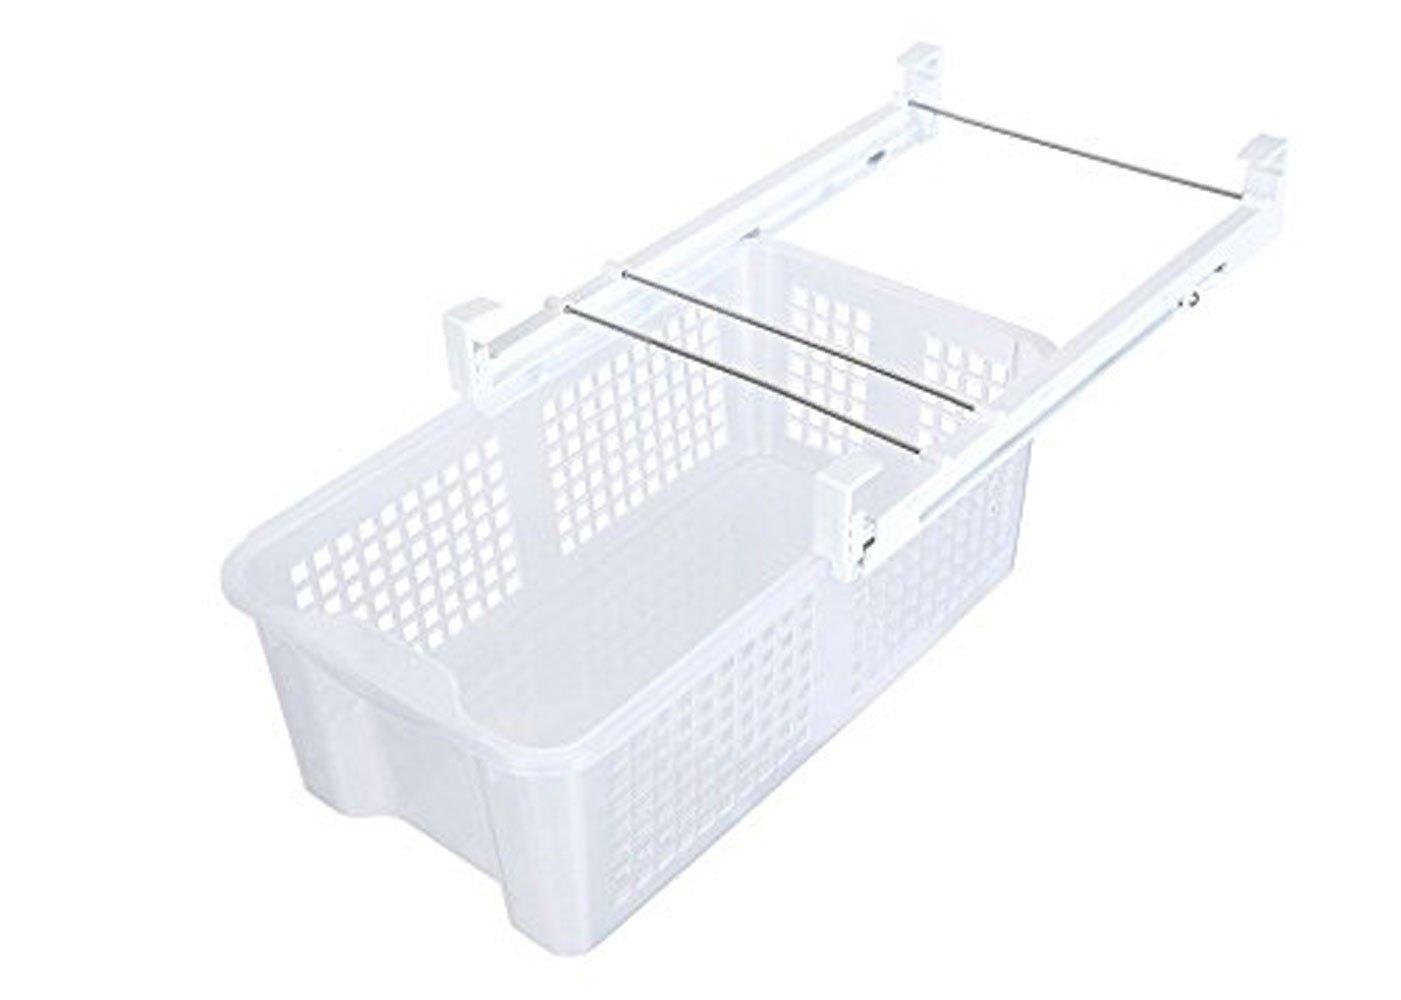 Kühlschrank Aufbewahrungsbox : Kühlschrank organizer aufbewahrungsbox herausziehbare